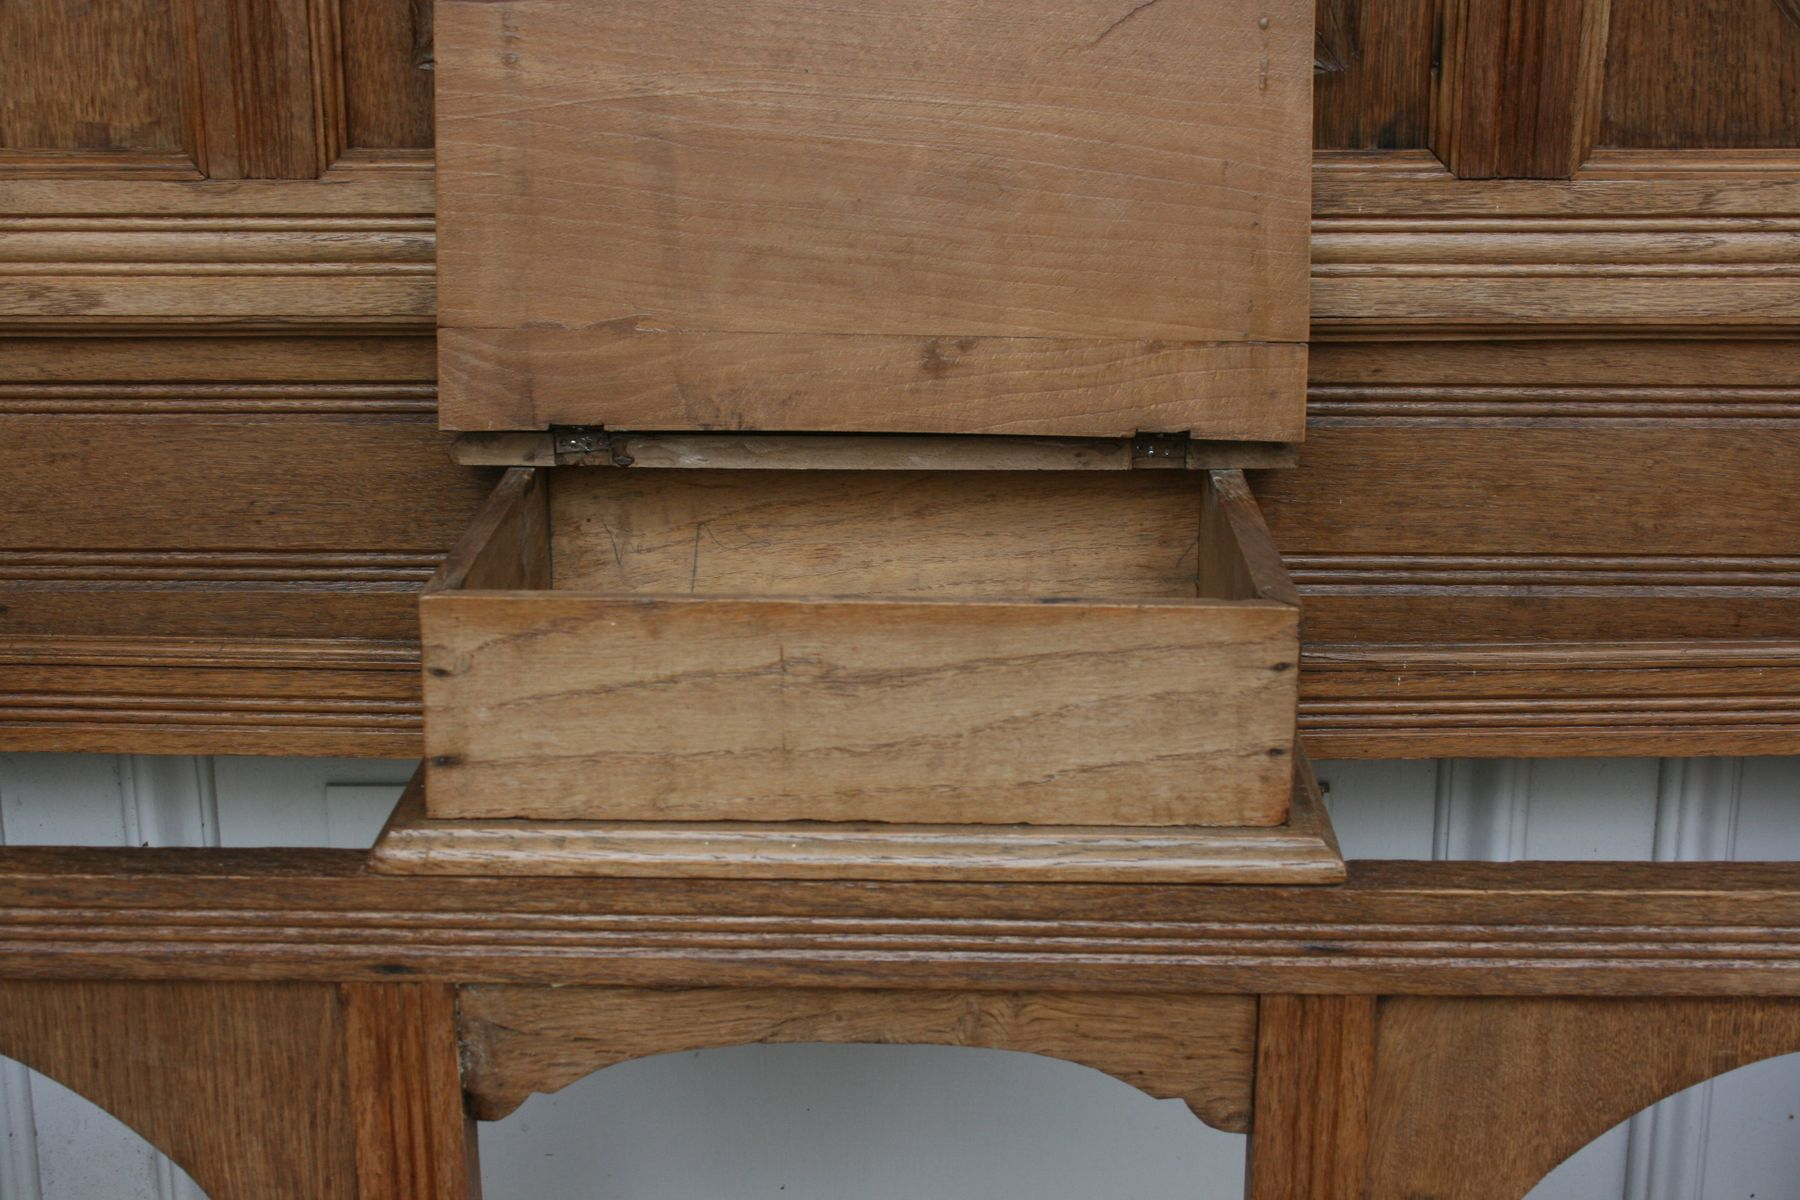 meuble d 39 entr e art nouveau en ch ne belgique 1920s en vente sur pamono. Black Bedroom Furniture Sets. Home Design Ideas